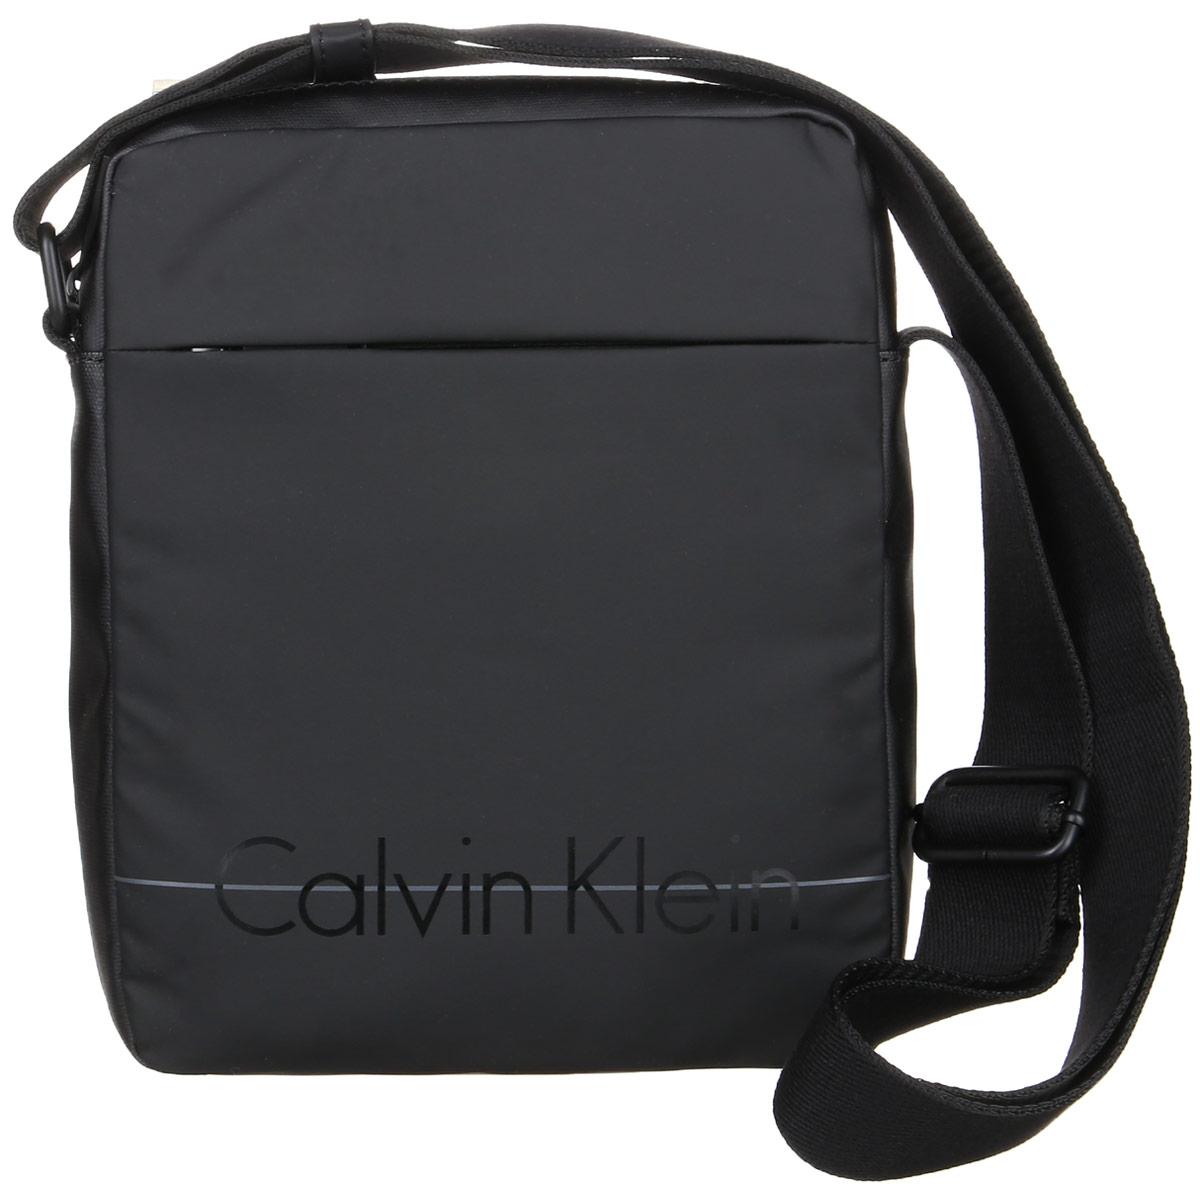 Сумка мужская Calvin Klein Jeans, цвет: черный. K50K502072_001K50K502072_001Стильная сумка Calvin Klein Jeans выполнена из полиуретана с добавлением поливинилхлорида и хлопка. Изделие содержит одно большое отделение, которое закрывается на застежку-молнию. Внутри сумки размещен один накладной открытый карман. Спереди изделие дополнено скрытым карманом на молнии. Сумка оснащена плечевым ремнем регулируемой длины. Оформлена модель надписью с названием бренда. В комплекте с изделием поставляется чехол для хранения.